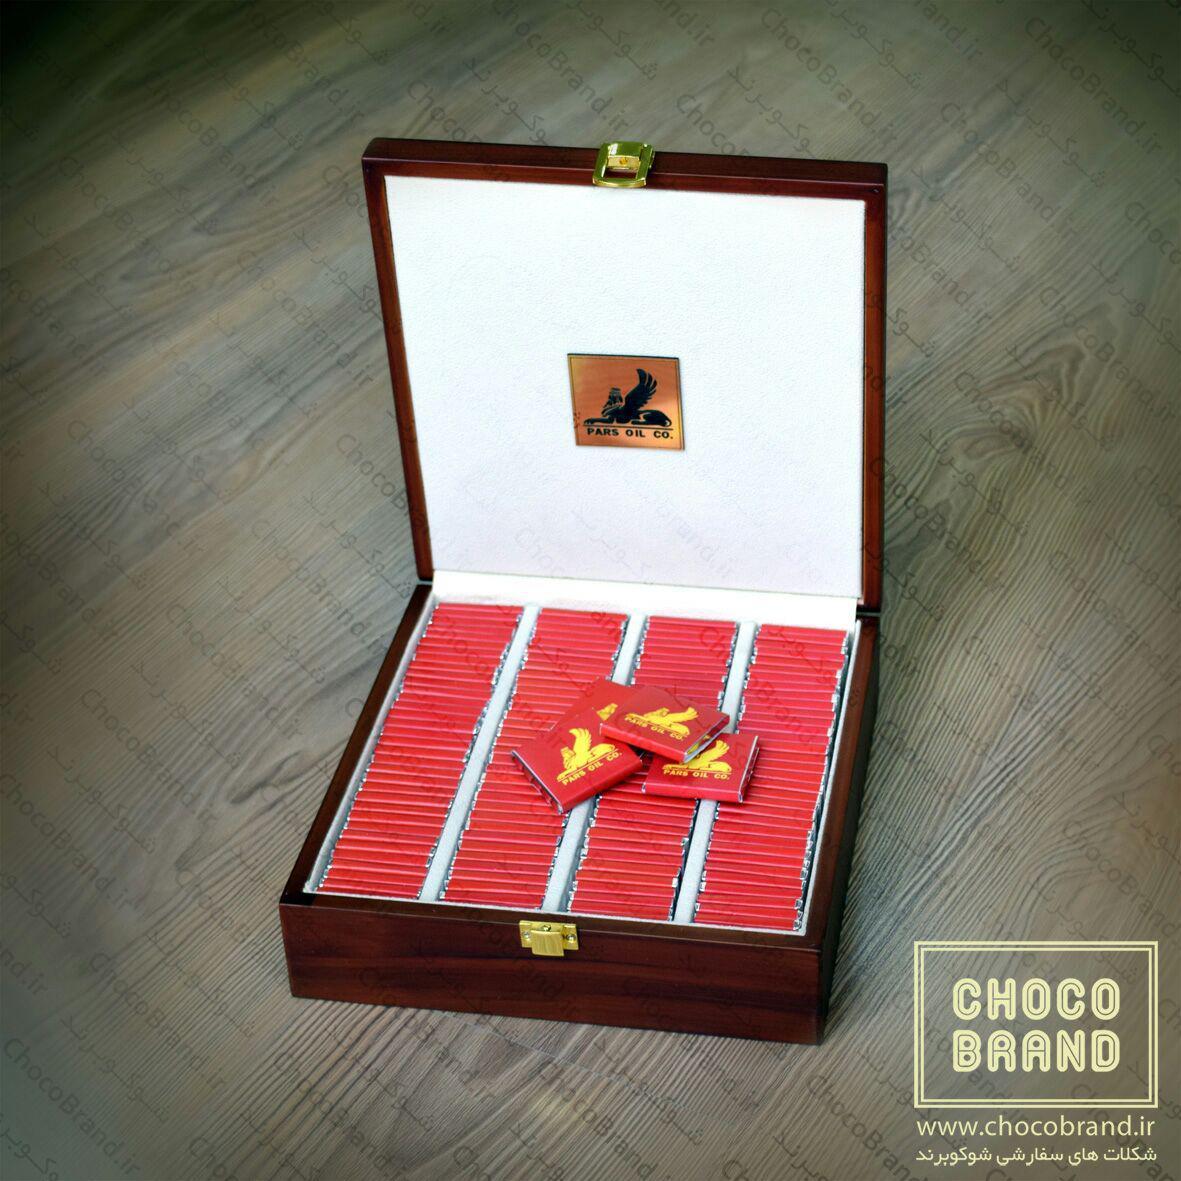 شکلات تبلیغاتی عید نوروز